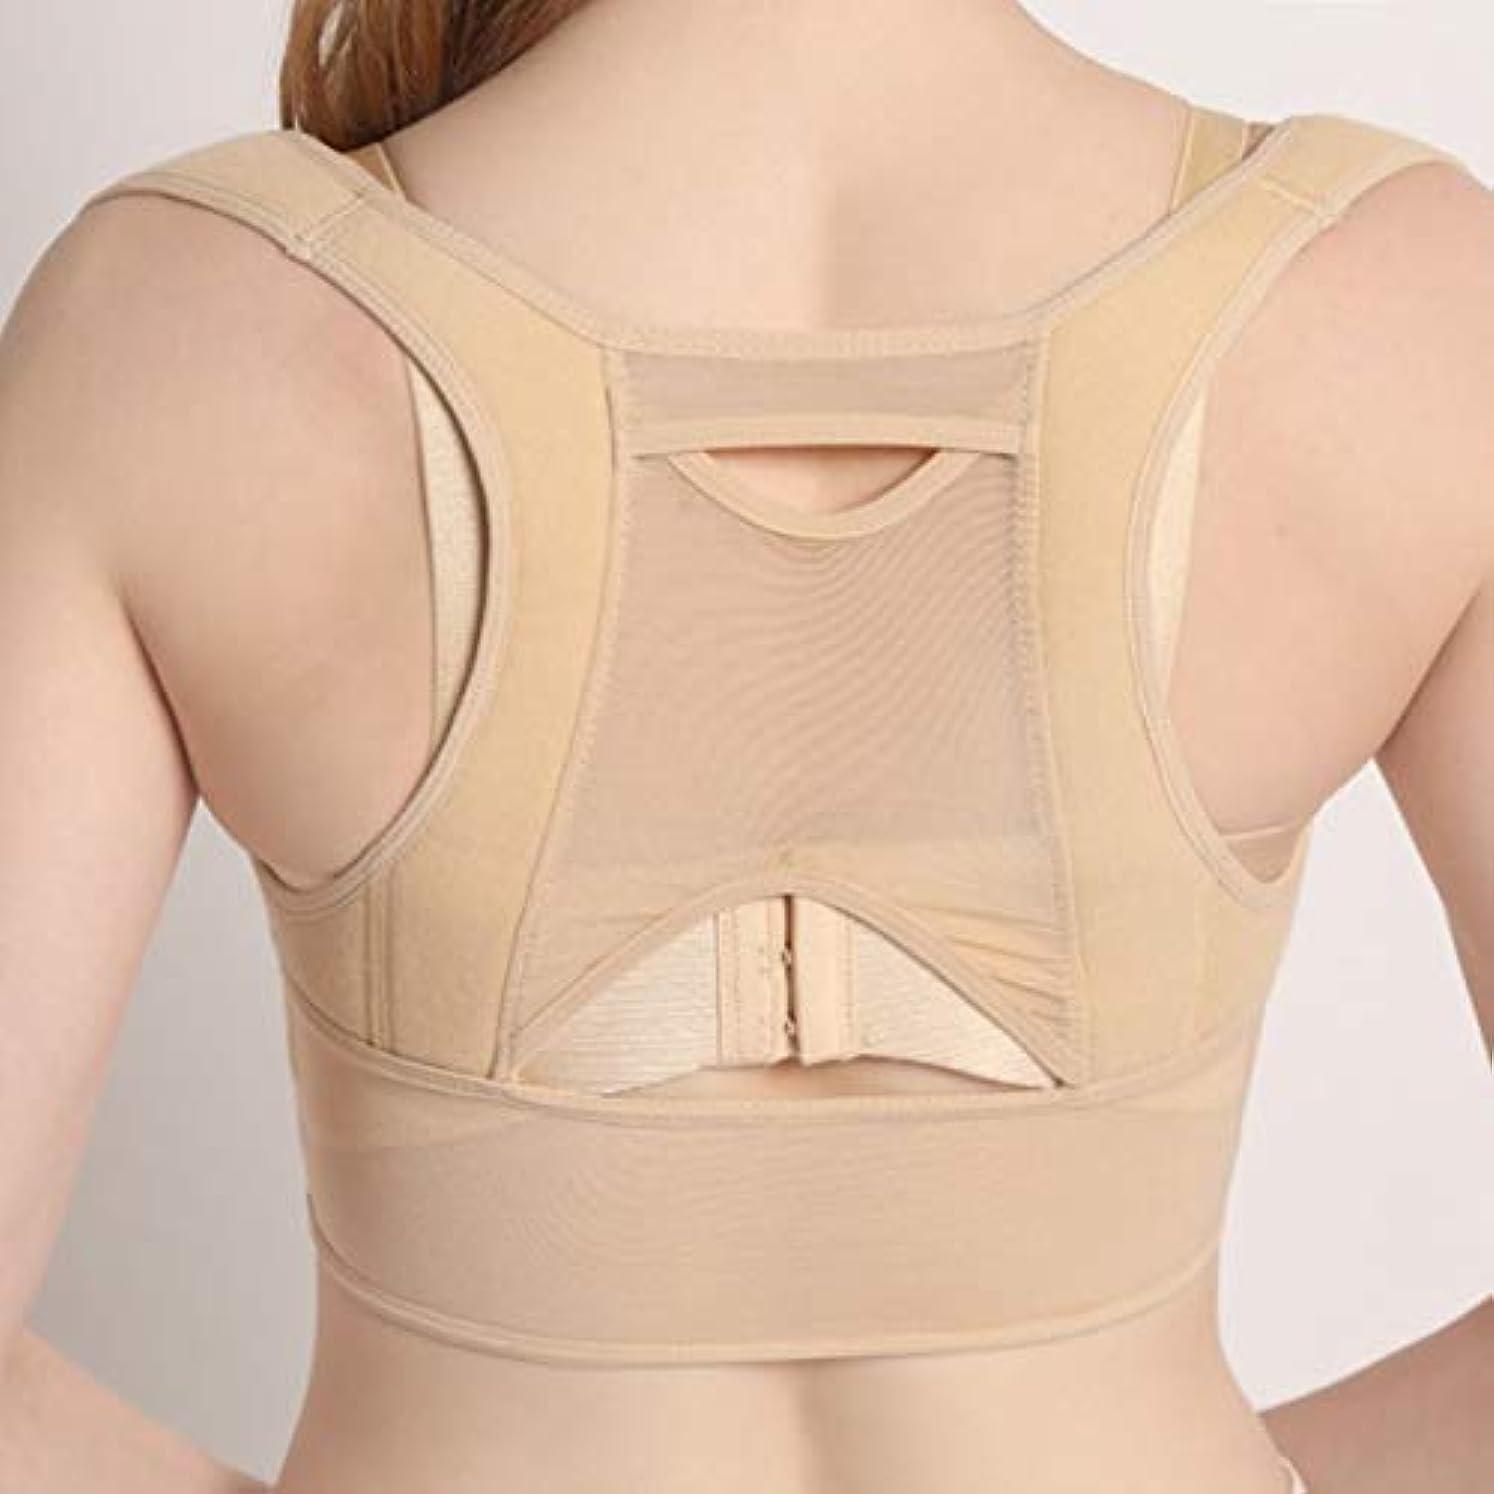 正しく心からシーン通気性のある女性の背部姿勢補正コルセット整形外科の背部肩背骨姿勢補正器腰部サポート-ベージュホワイトL